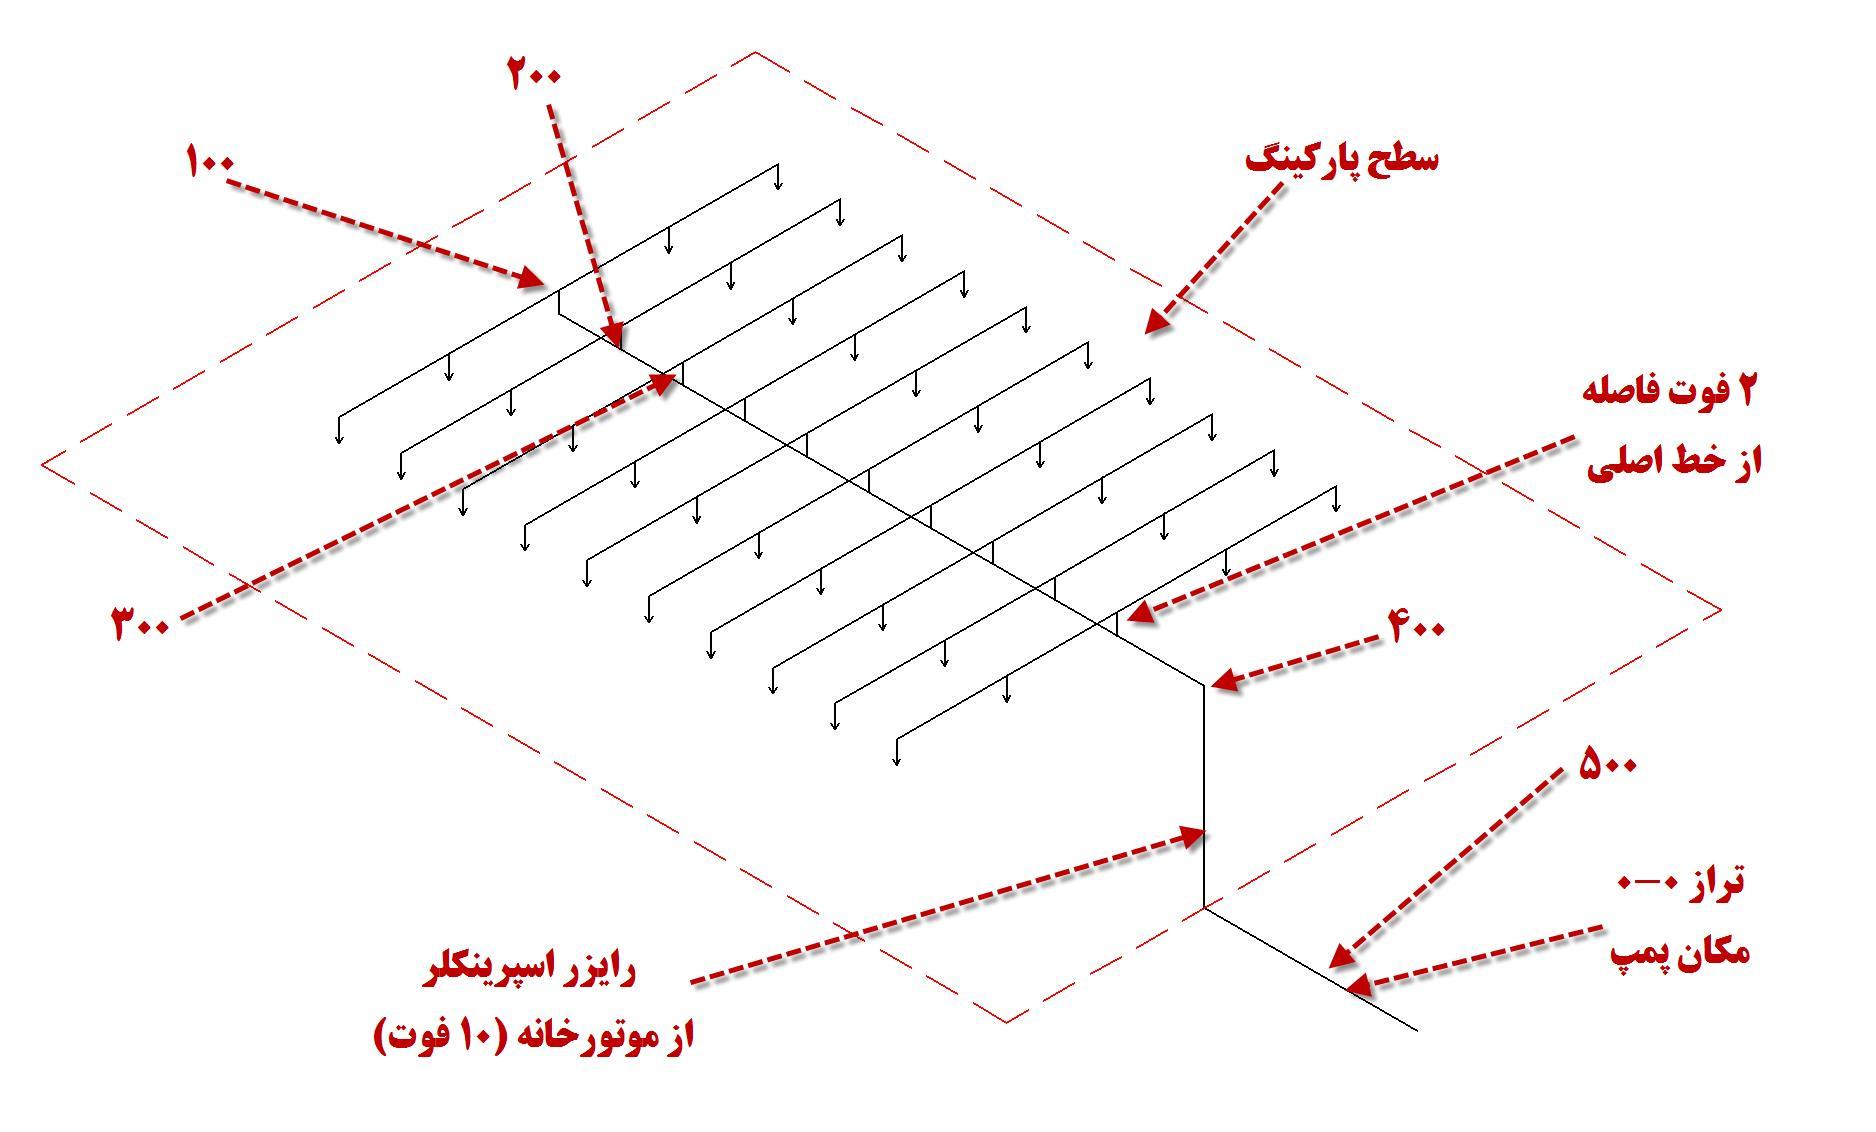 چگونه ع حرفه ای بسازیم محاسبات سیستم آتش نشانی